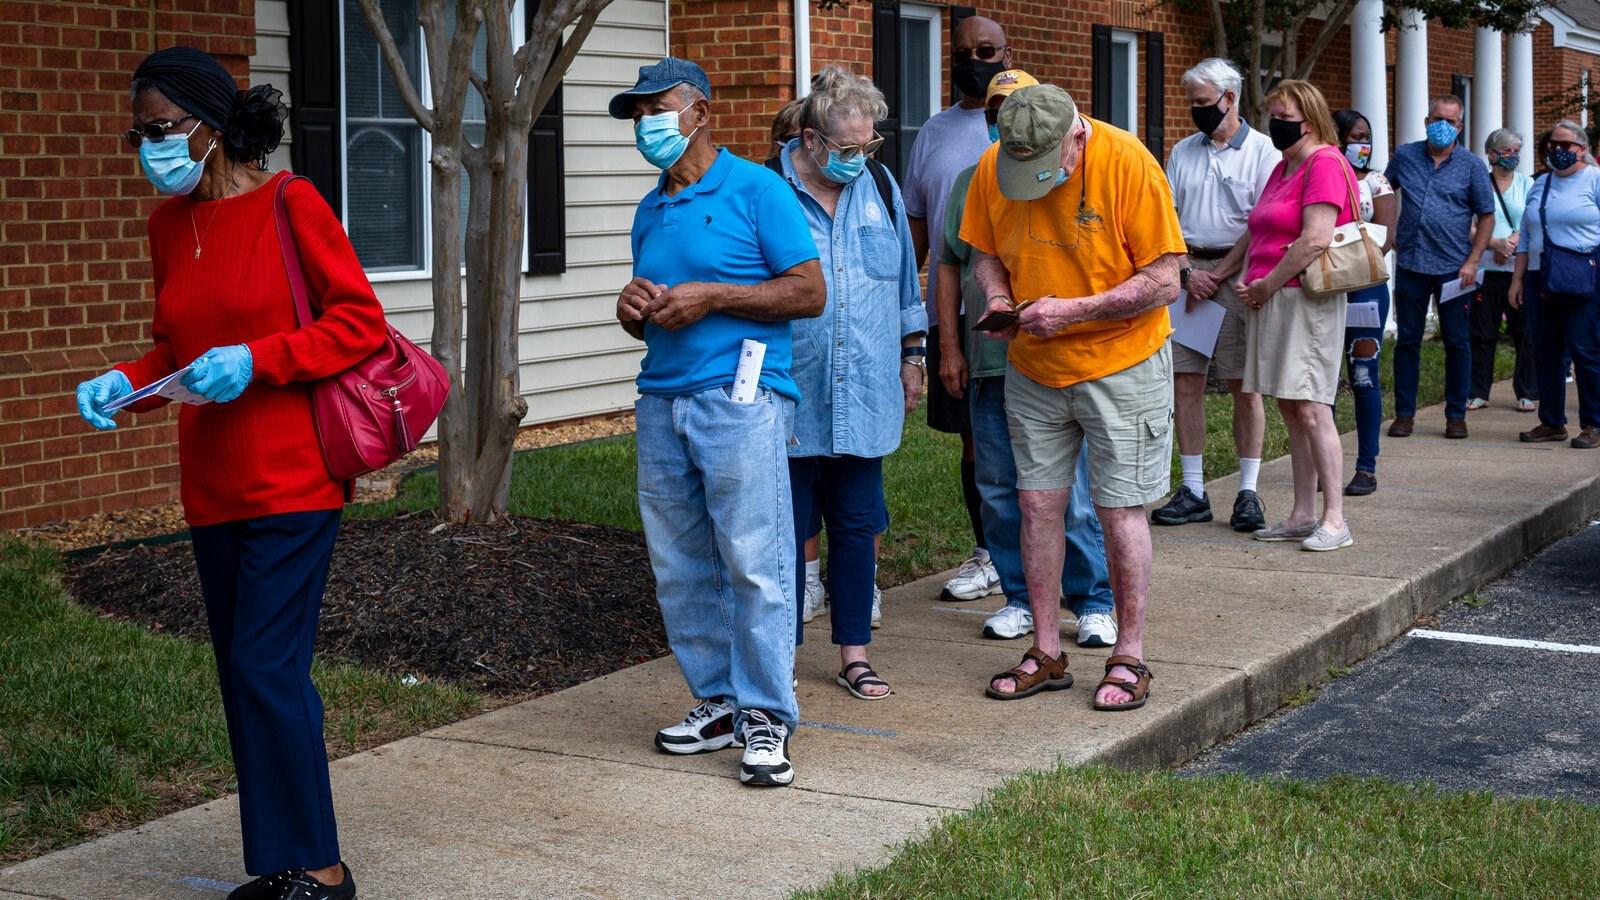 أكثر من 50 مليون شخص صوتوا مبكراً في أميركا